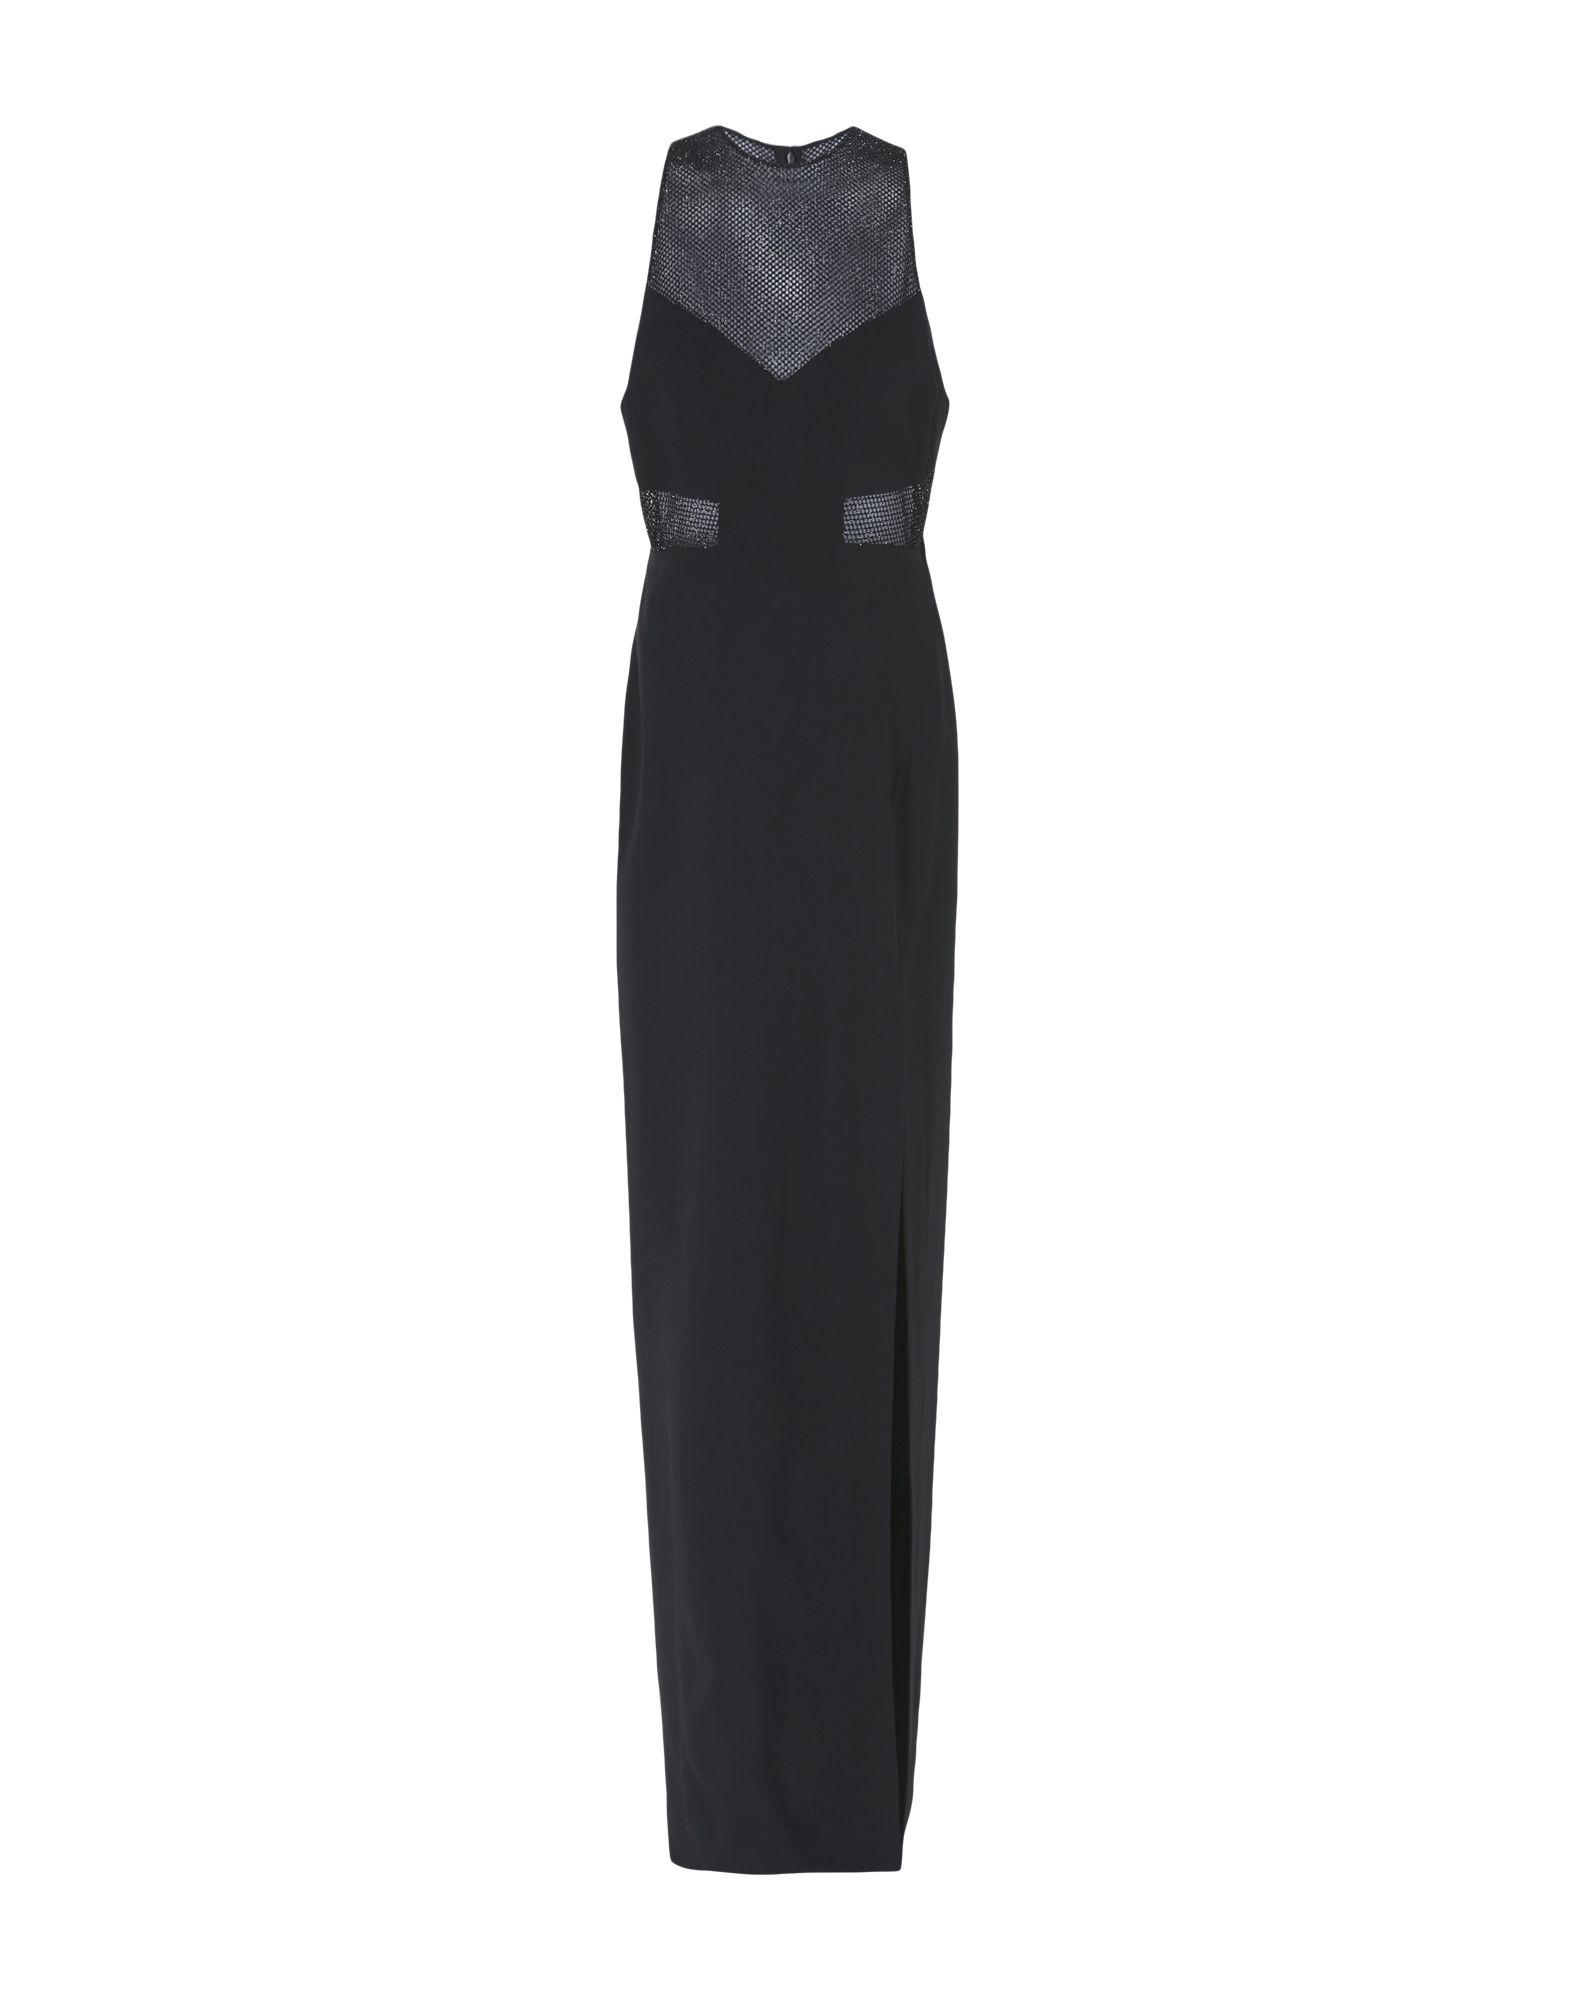 EMANUEL UNGARO Длинное платье платье короткое спереди длинное сзади летнее